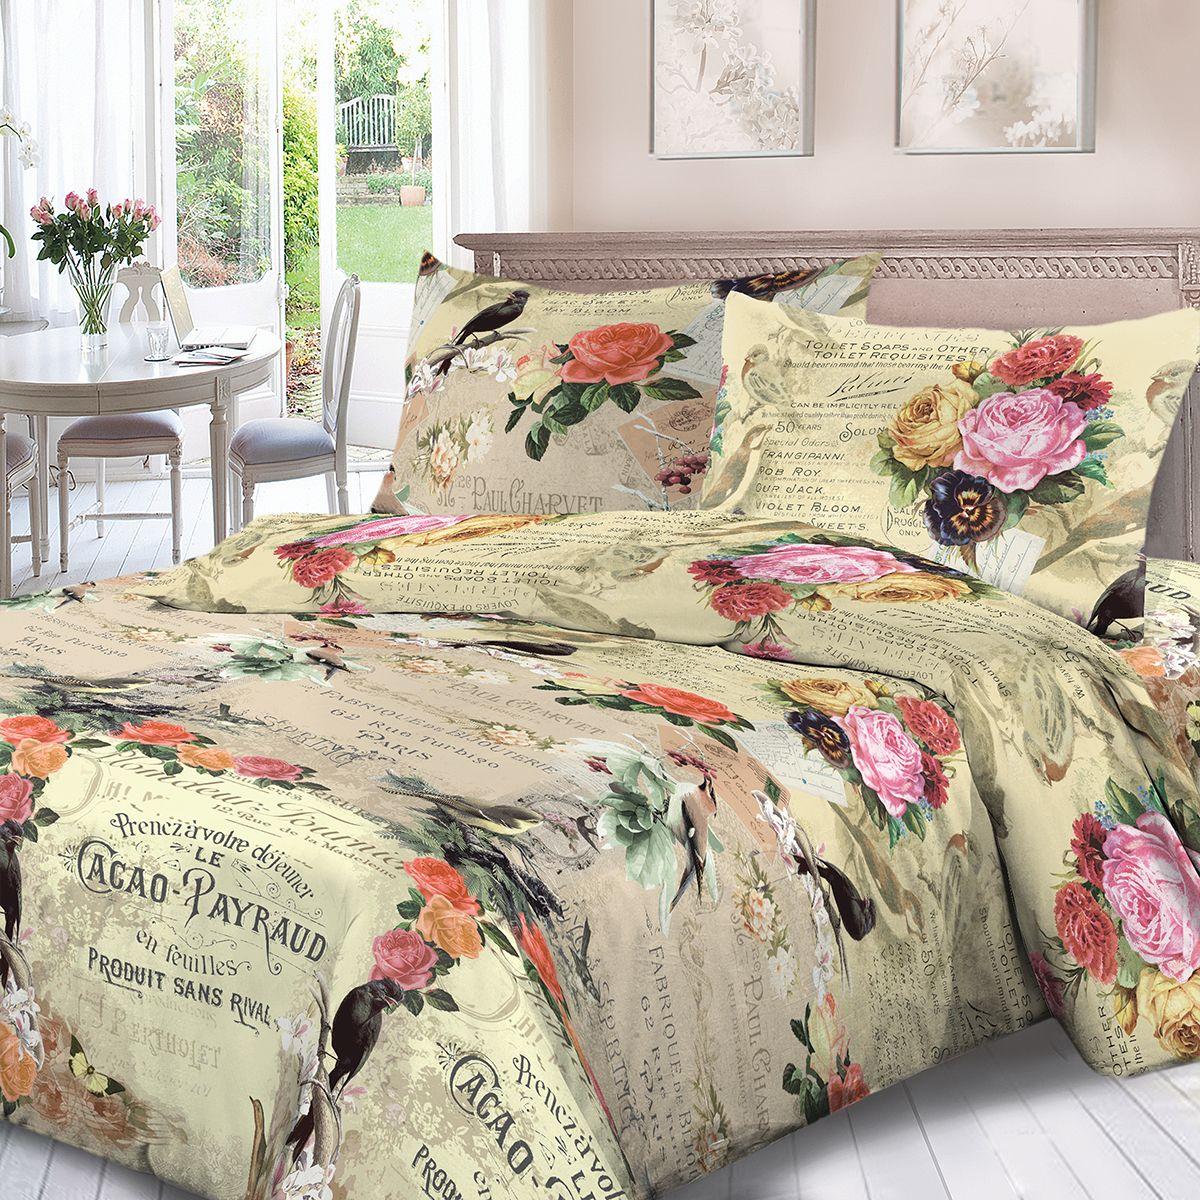 Комплект белья Для Снов Монмартр, 1,5 спальное, наволочки 70x70, цвет: бежевый. 3815-181970